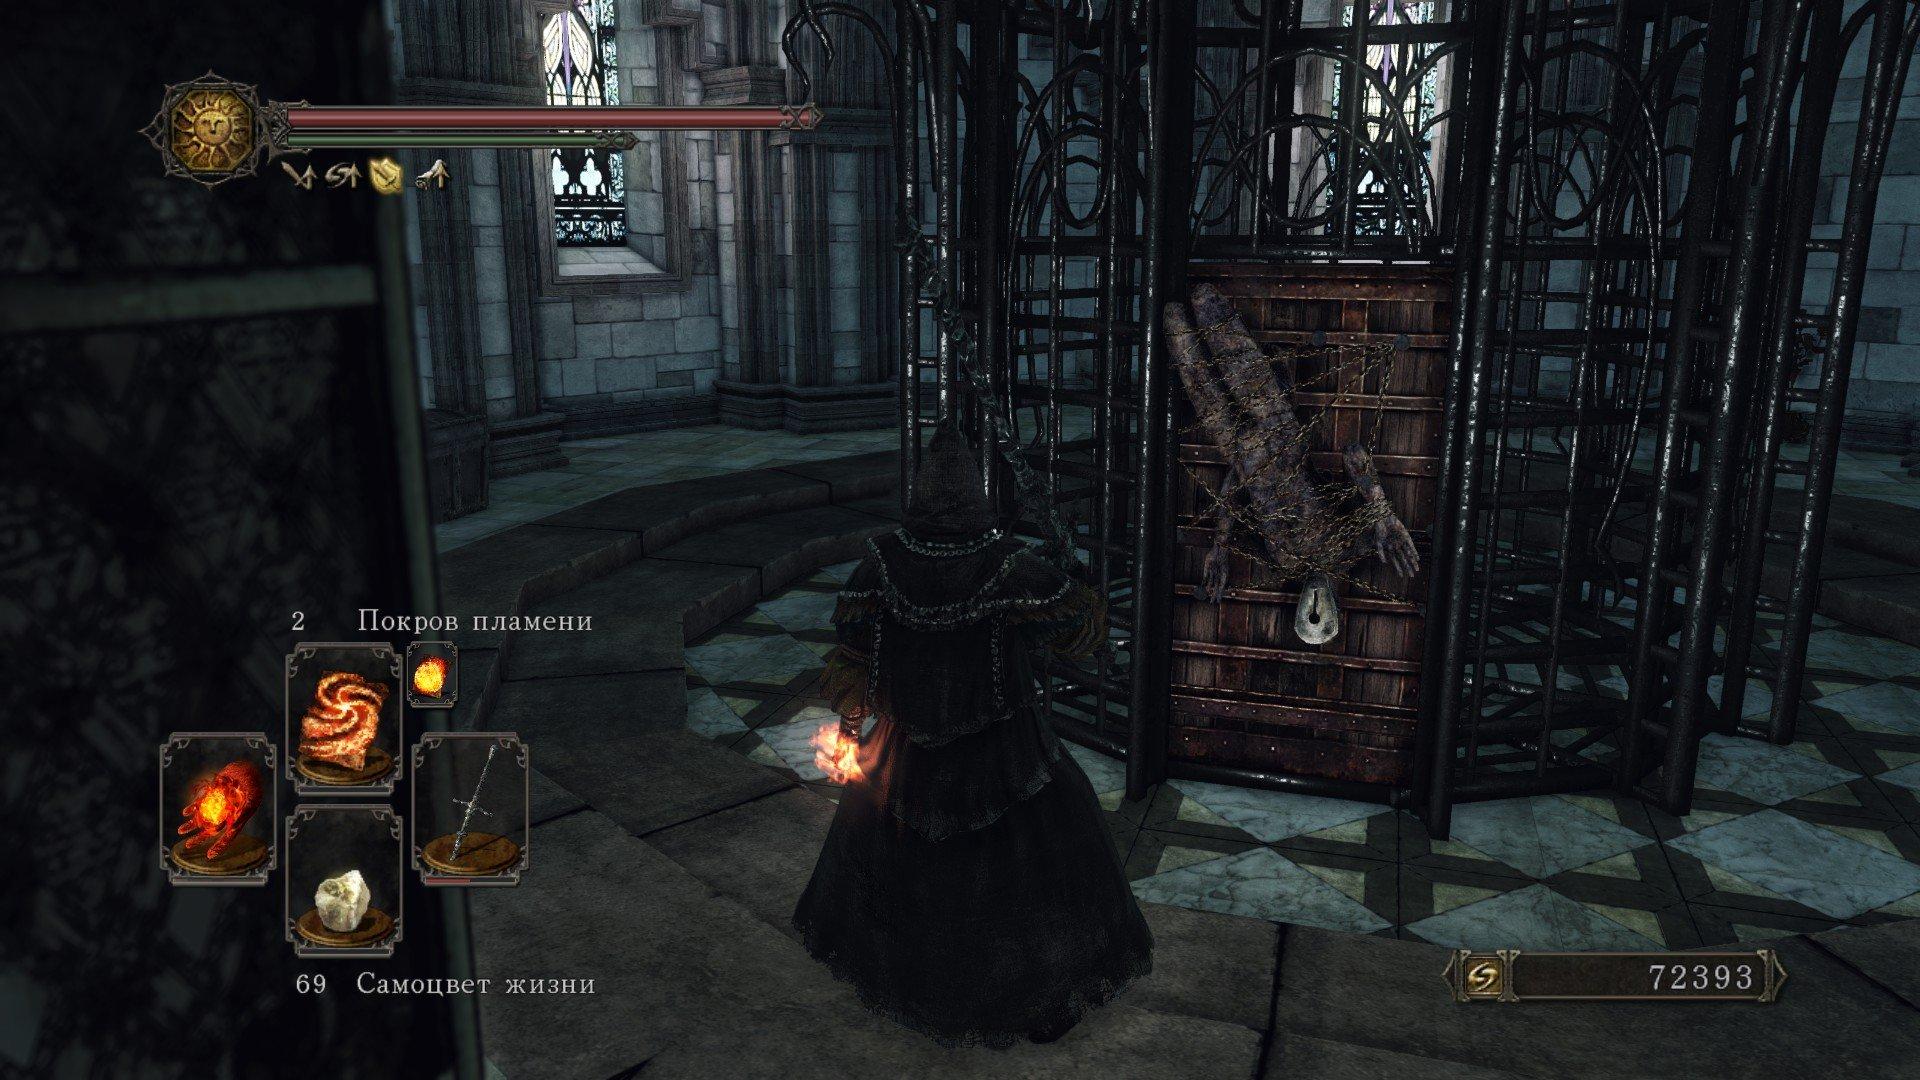 Вопль-прохождение Dark Souls 2 ... получилось много скриншотов -_- - Изображение 6